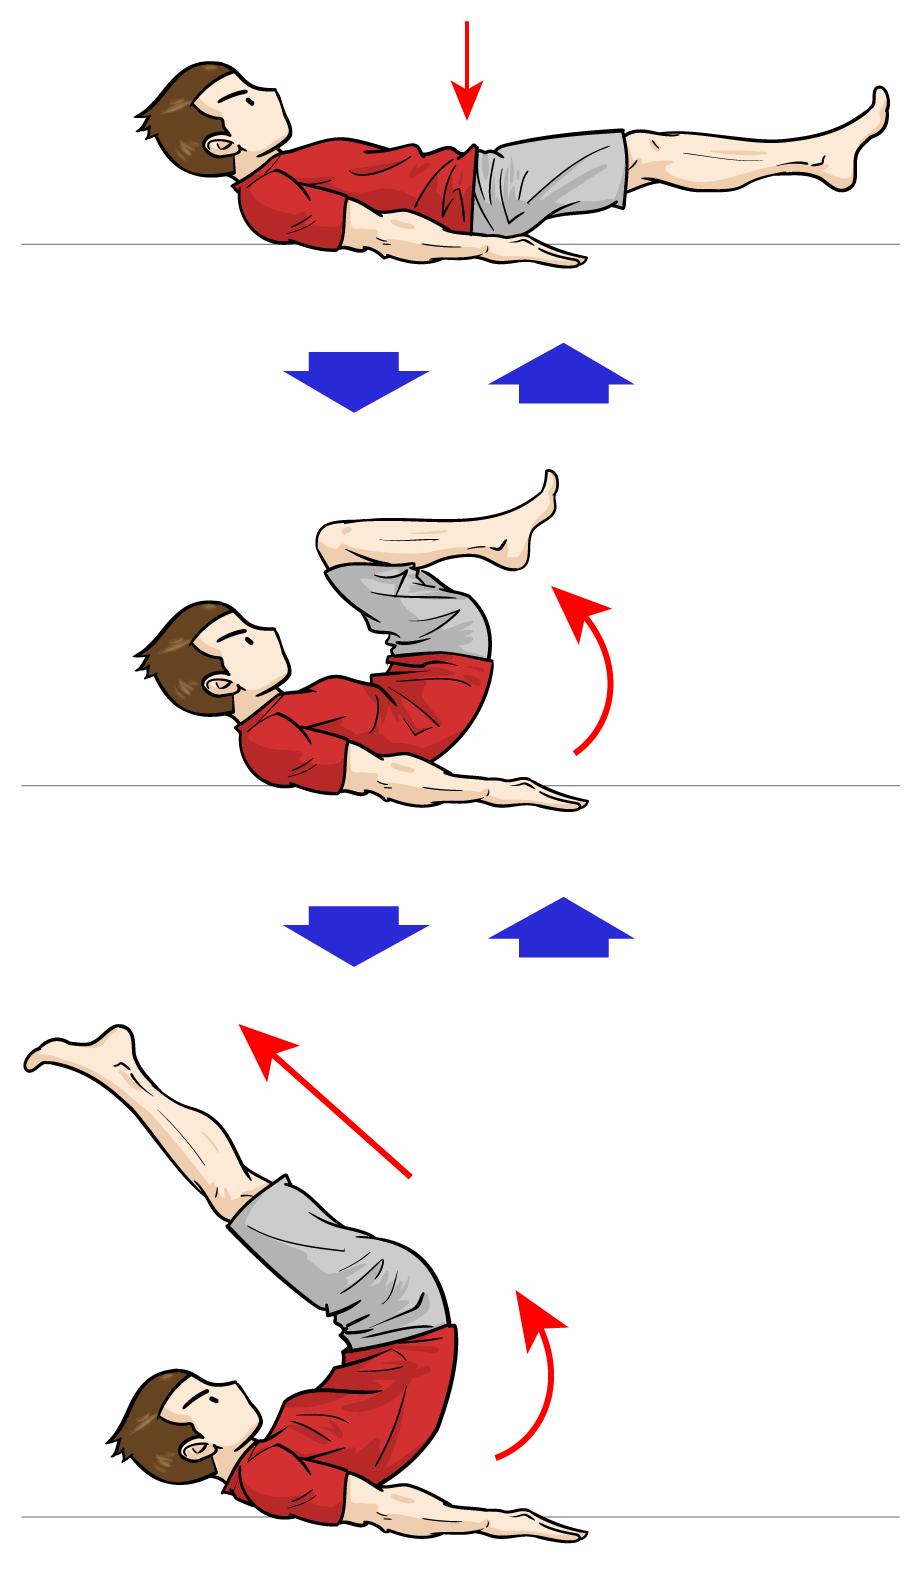 ピンポイントで下腹部を狙うなら「リバースクランチ」:マンガイラストで筋トレ解説